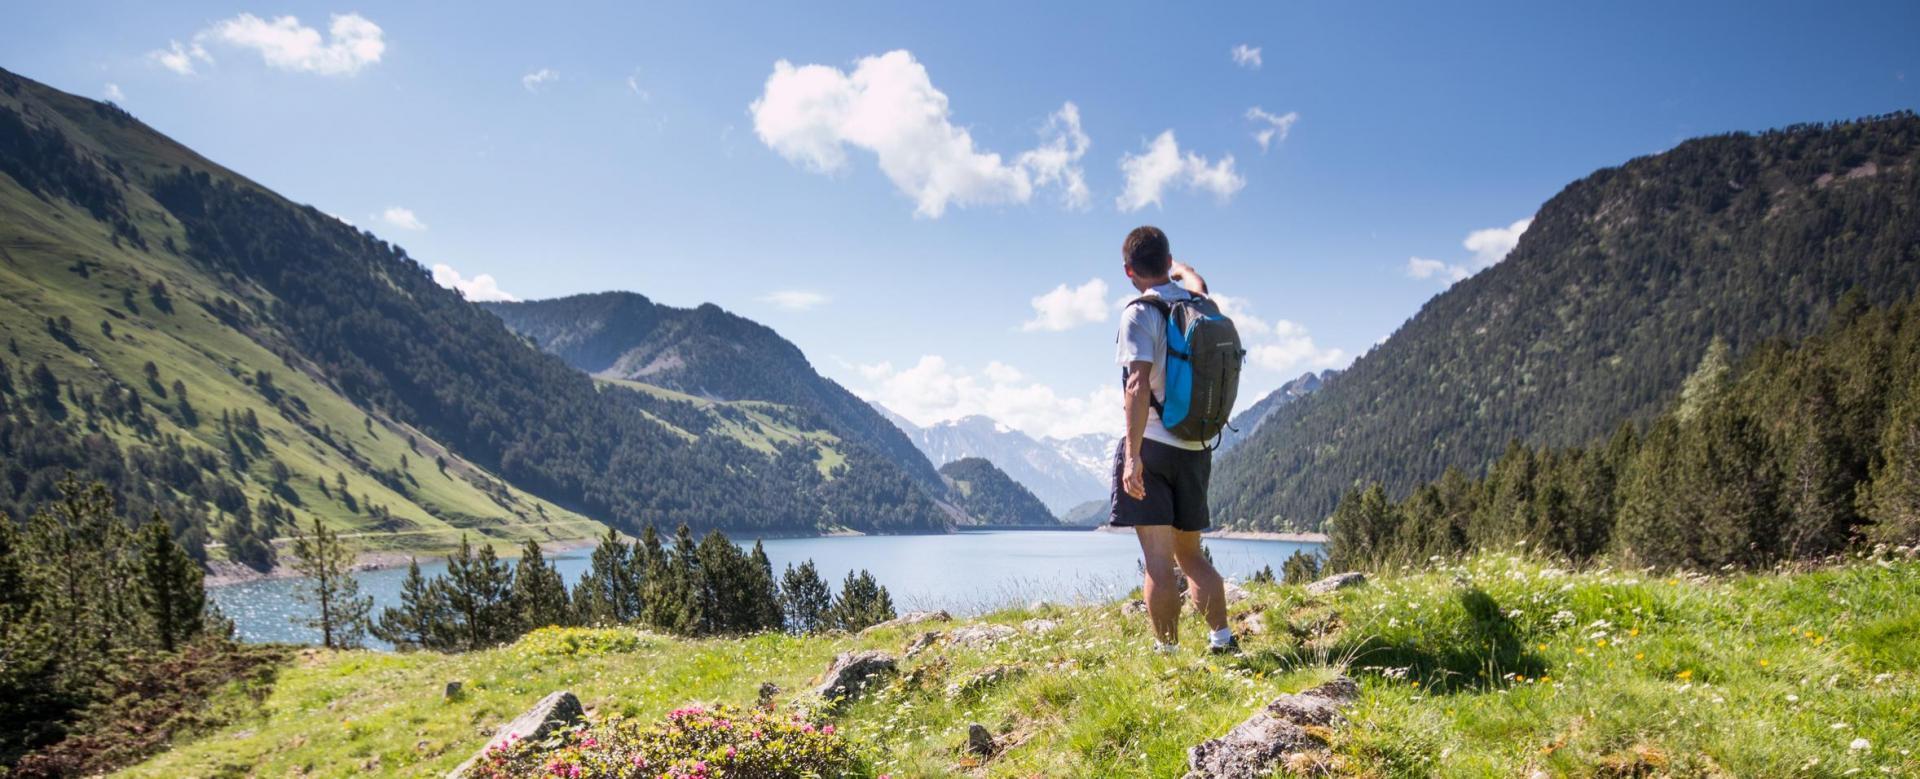 Voyage à pied : Tour du pic de midi d'ossau